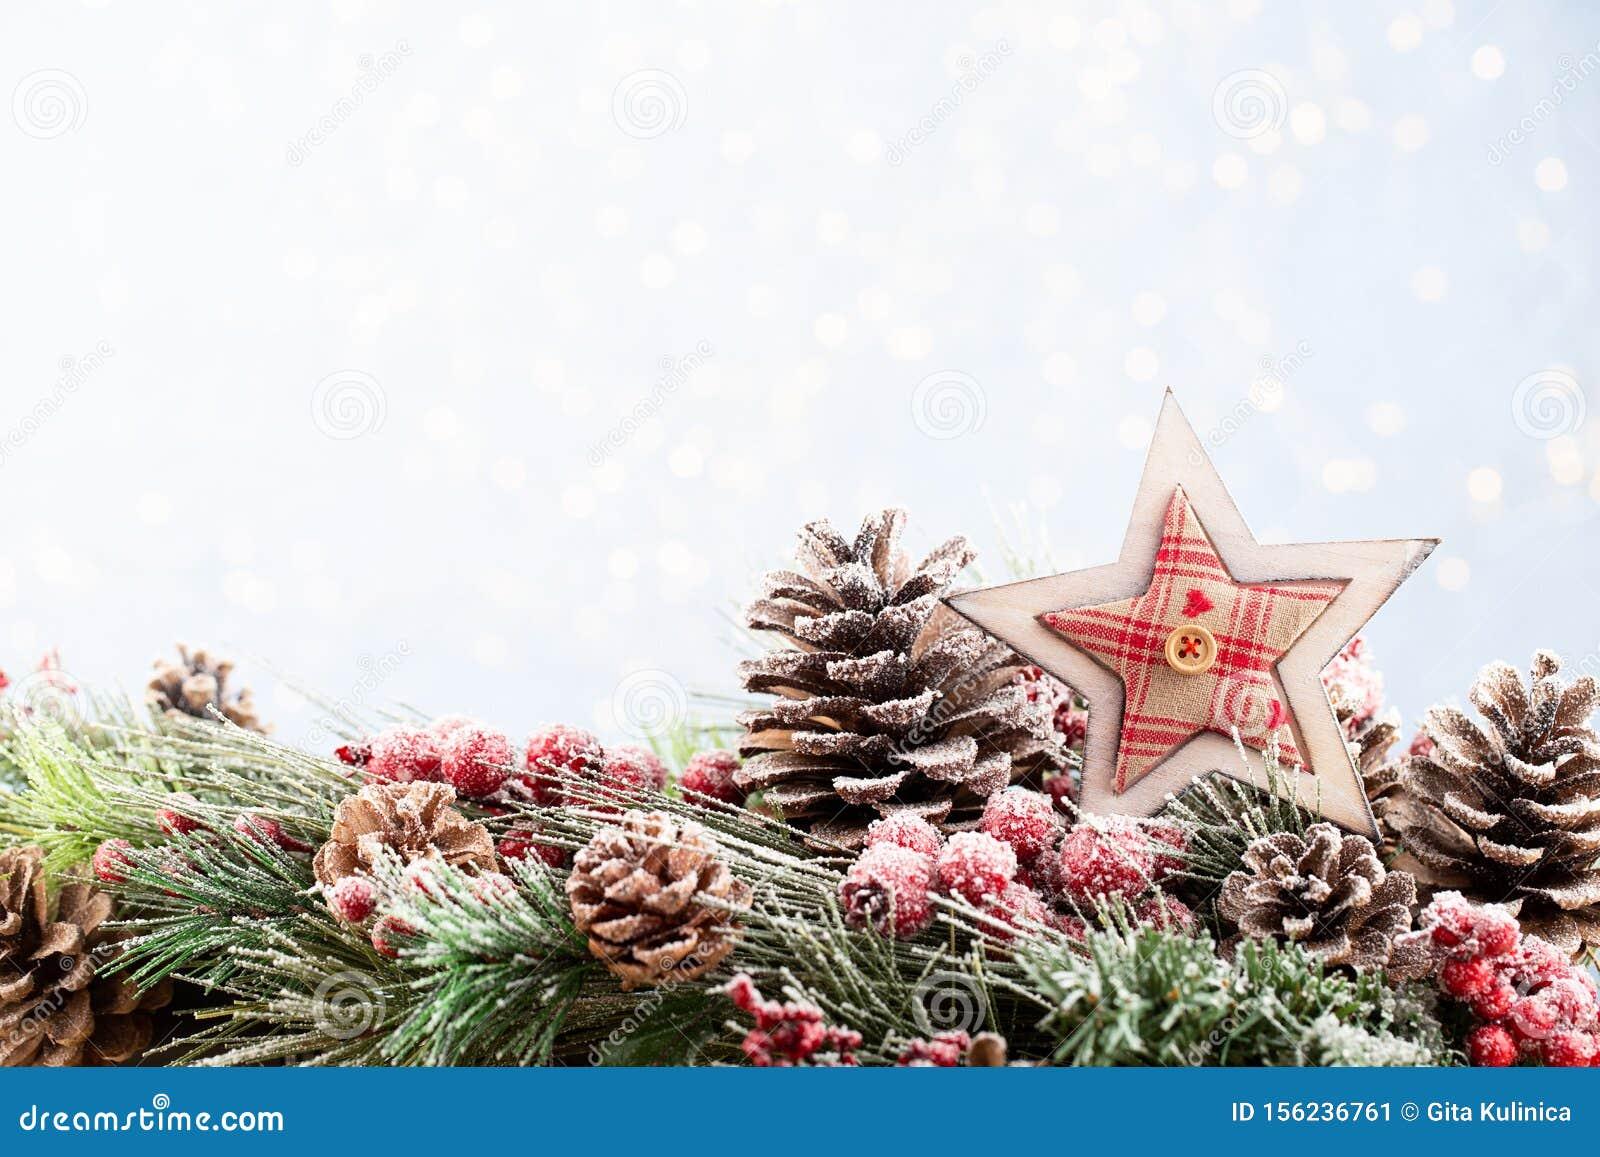 Youtube Sfondi Natalizi.Abete Natalizio Con Fondo Bokeh Buon Natale E Buon Anno Nuovo Sfondo Natalizio Con Abete Da Neve In Alto Immagine Stock Immagine Di Bianco Snowflake 156236761